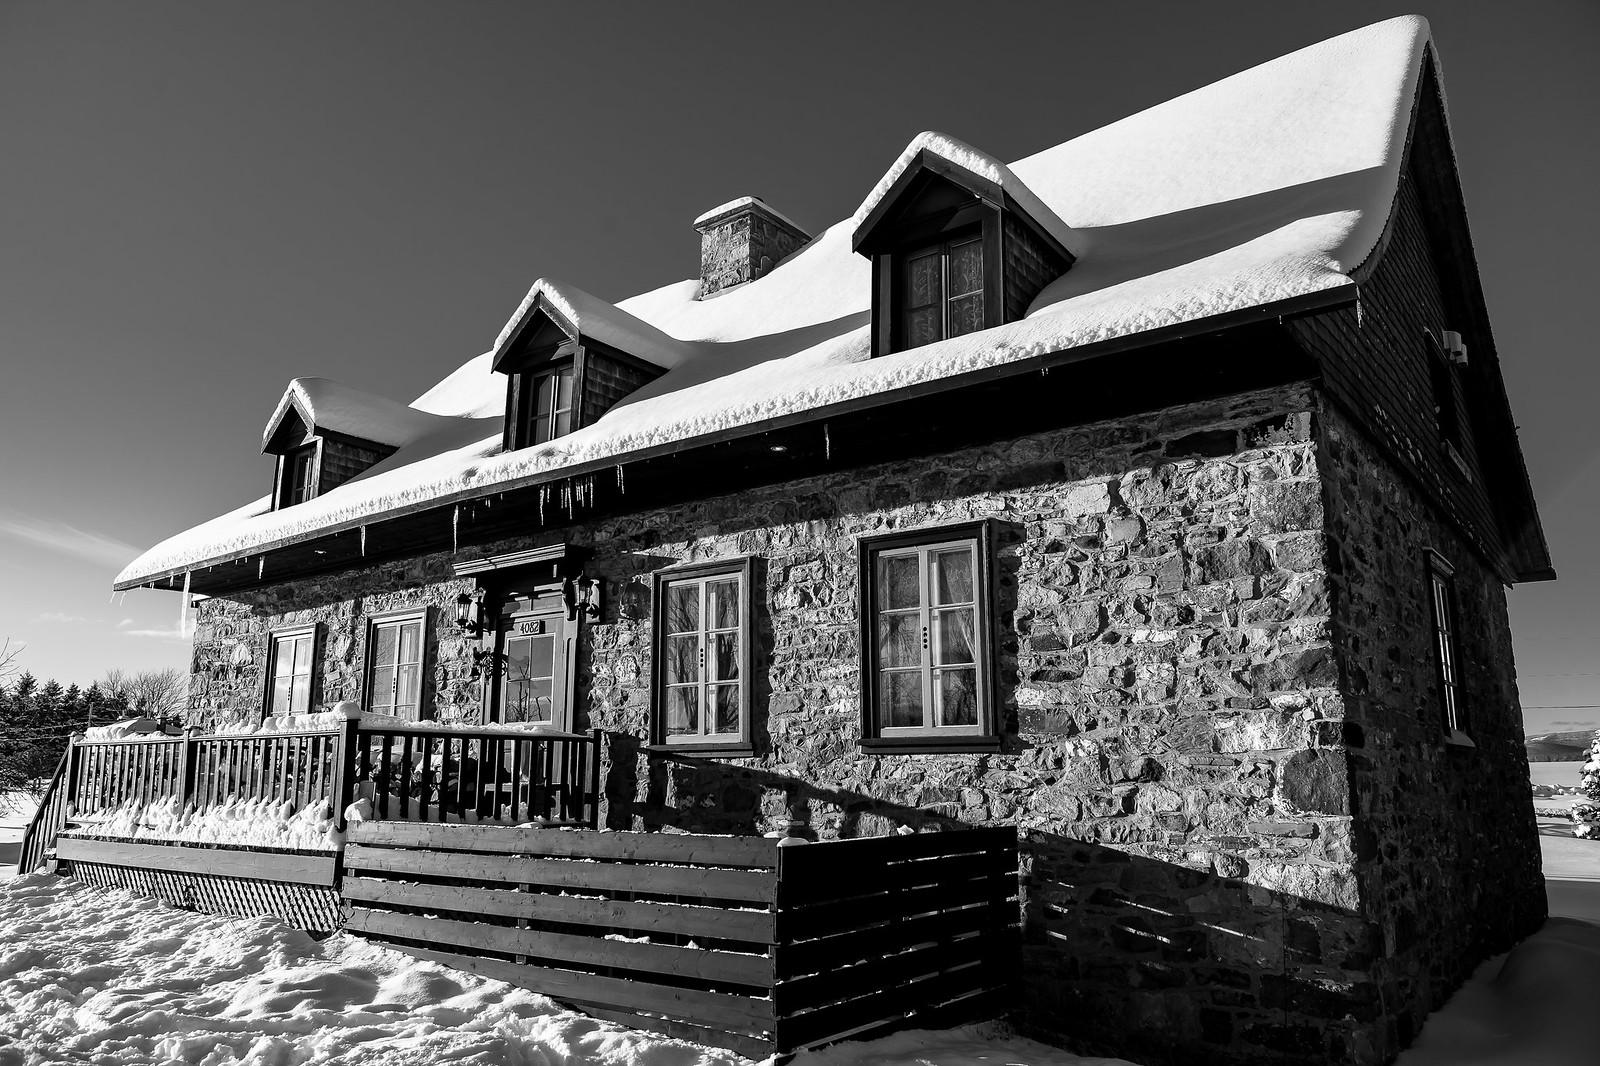 L'hiver en noir et blanc... 44411547480_9a81b019c8_h